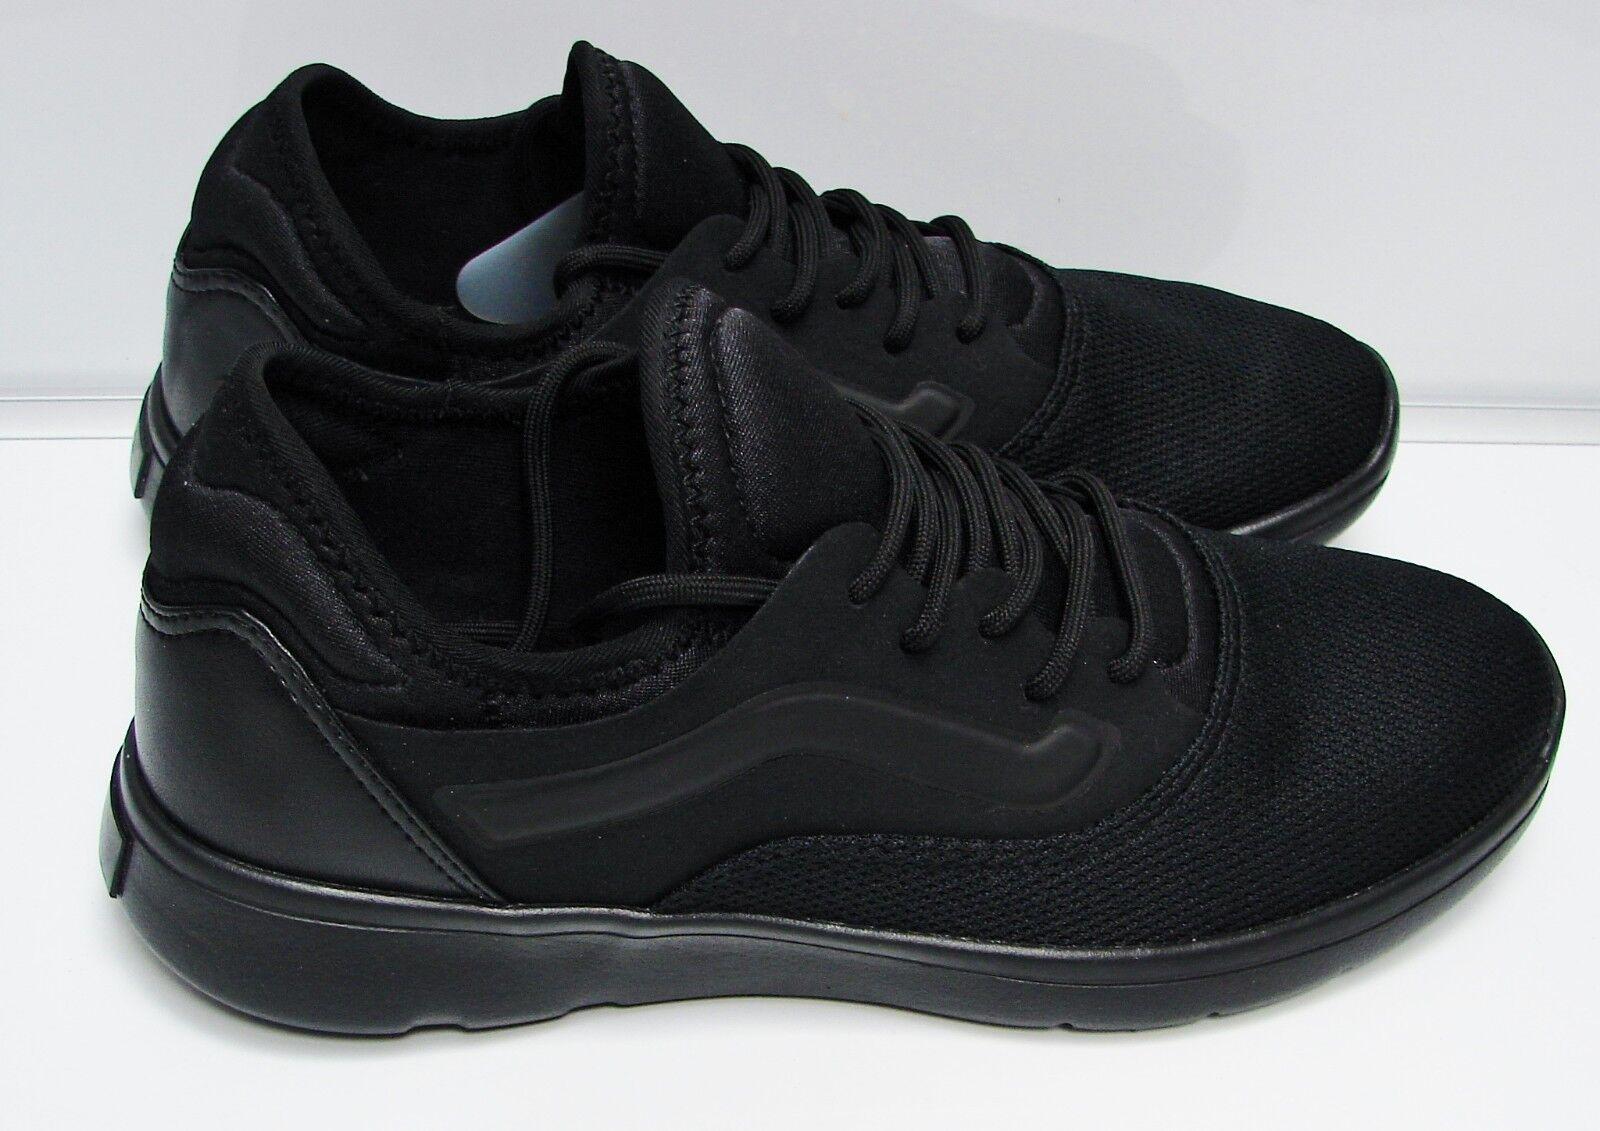 Vans Iso Route (Staple) Black Black VN-0A3TKEQTF  Men's Size 10